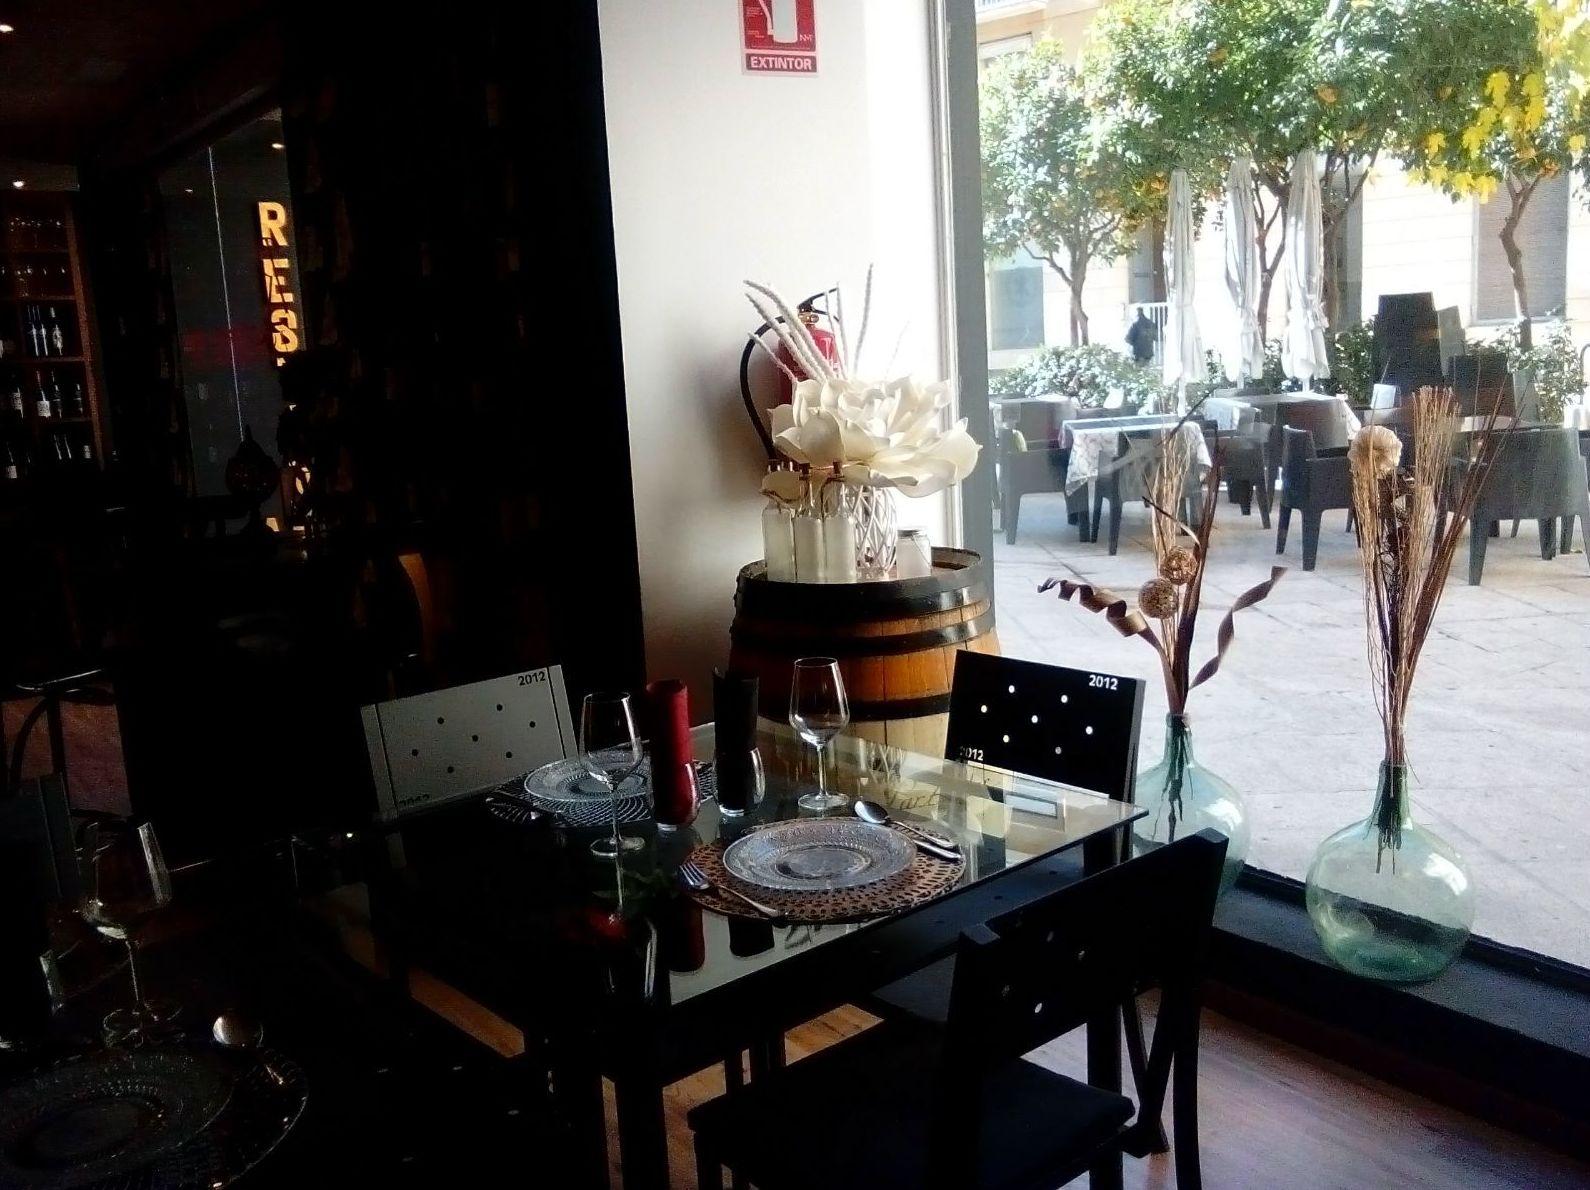 Foto 16 de Restaurante en Valencia | LOURDES ILLUECA DOBÓN